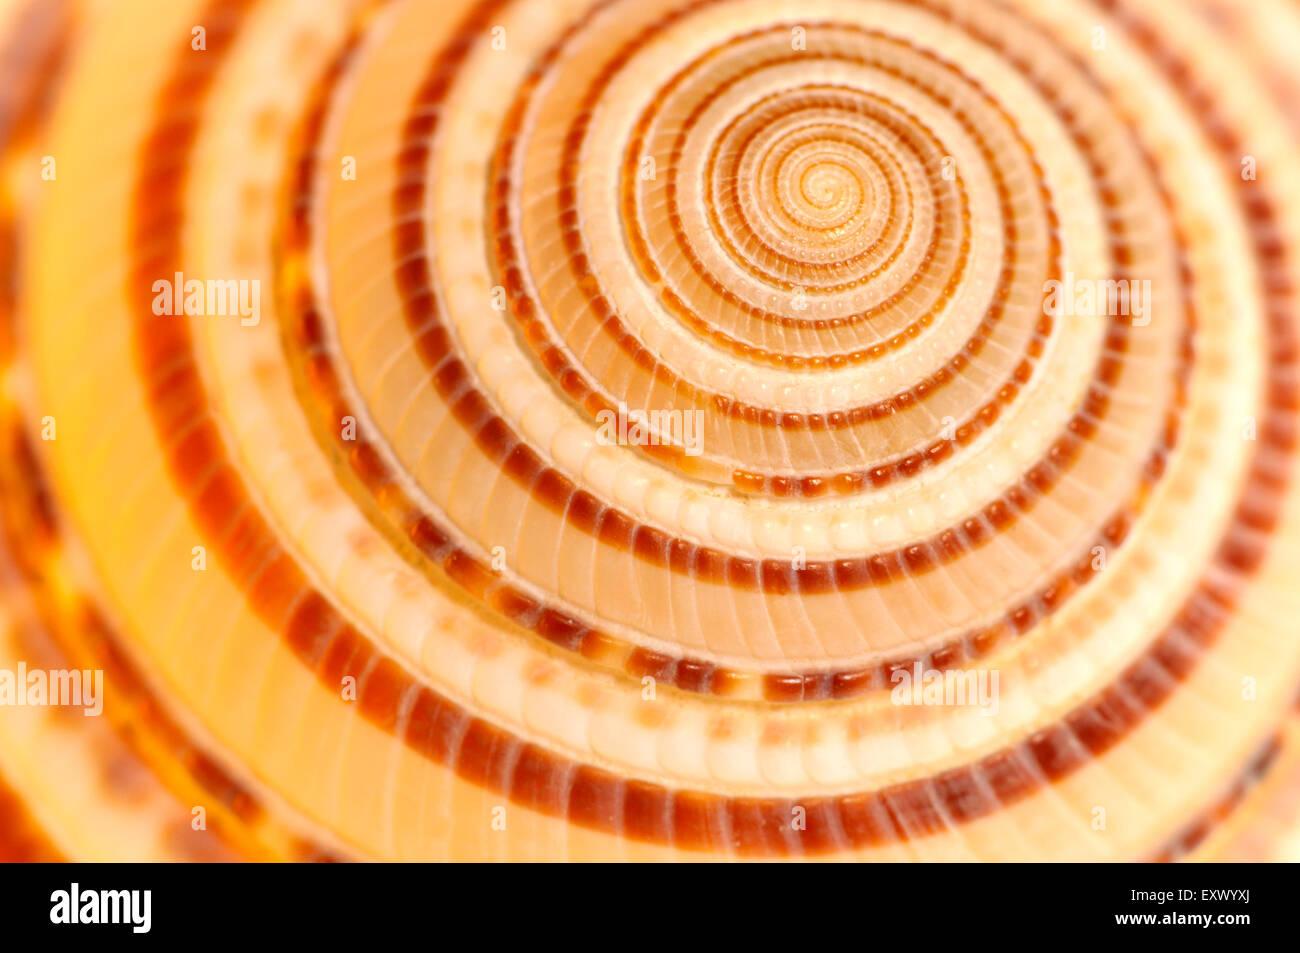 Dettaglio di un chiaro Meridiana seashell (Architectonica perspectiva) Immagini Stock